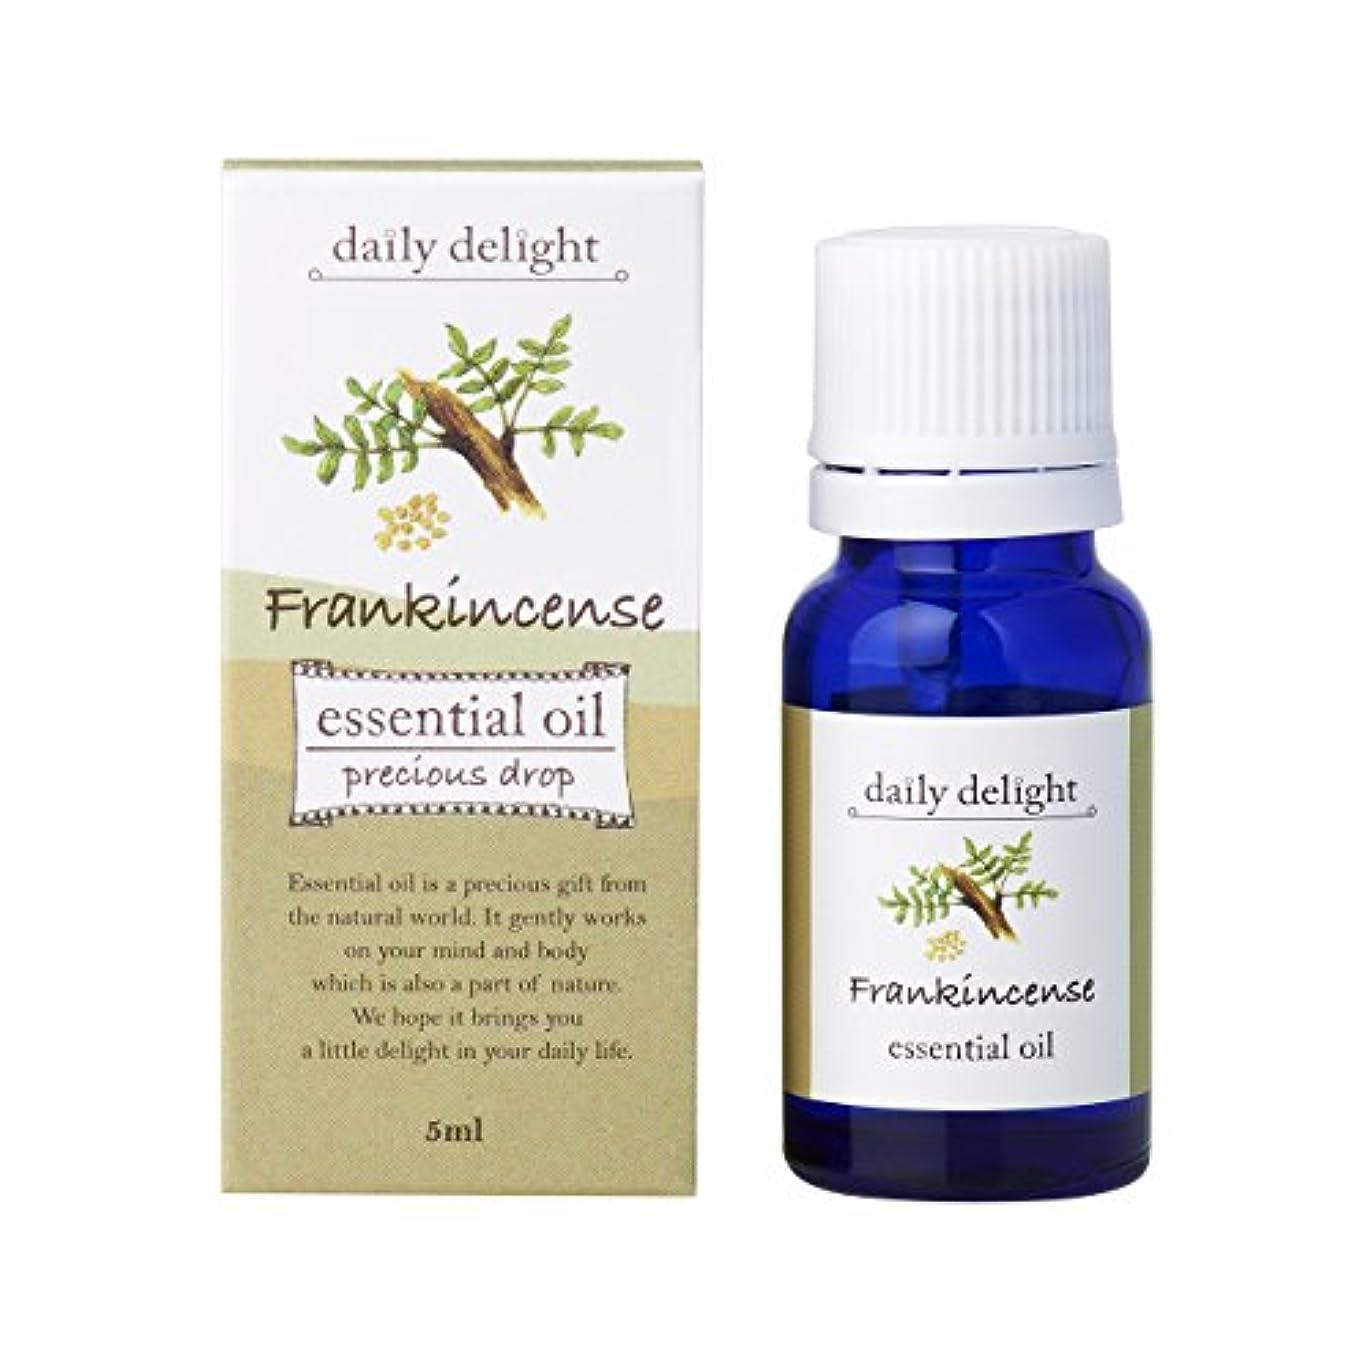 一部やろう広まったデイリーディライト エッセンシャルオイル フランキンセンス 5ml(天然100% 精油 アロマ 樹脂系 樹脂から採れるさわやかな木の香り)